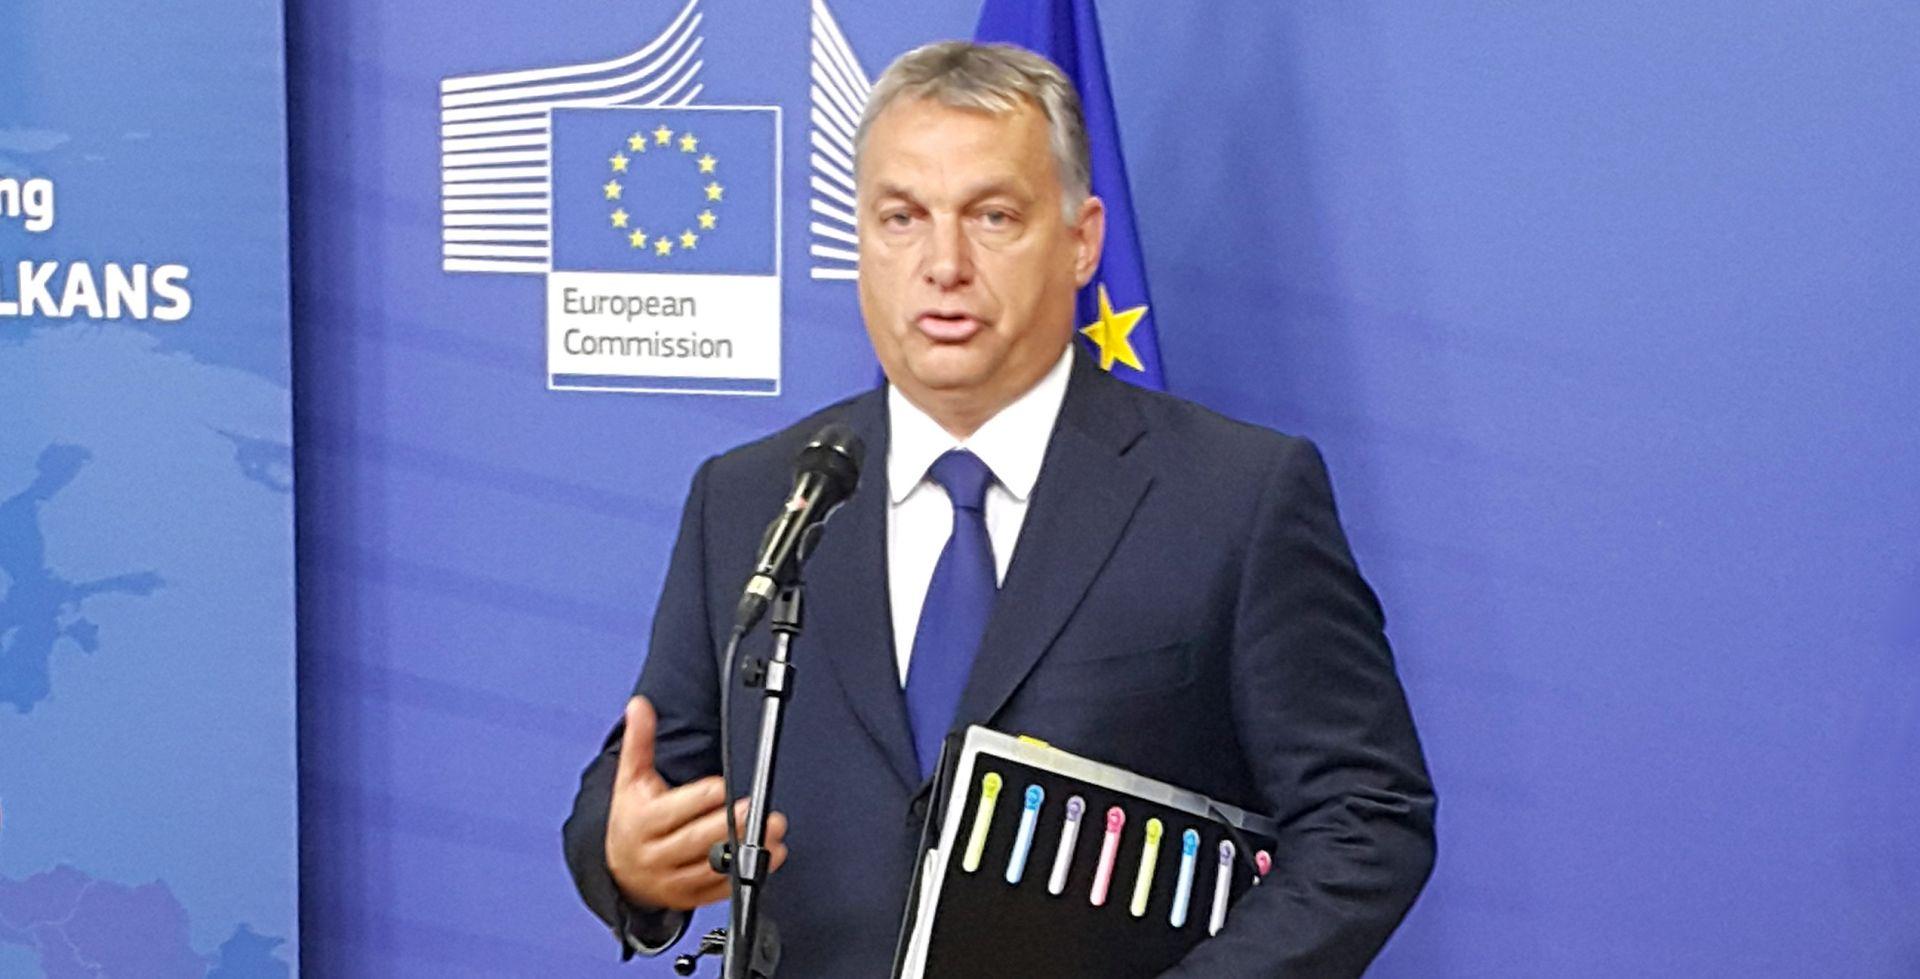 """SASTANAK U BRUXELLESU Orban prvi izašao sa sastanka: """"Mi smo ovdje samo promatrači"""""""